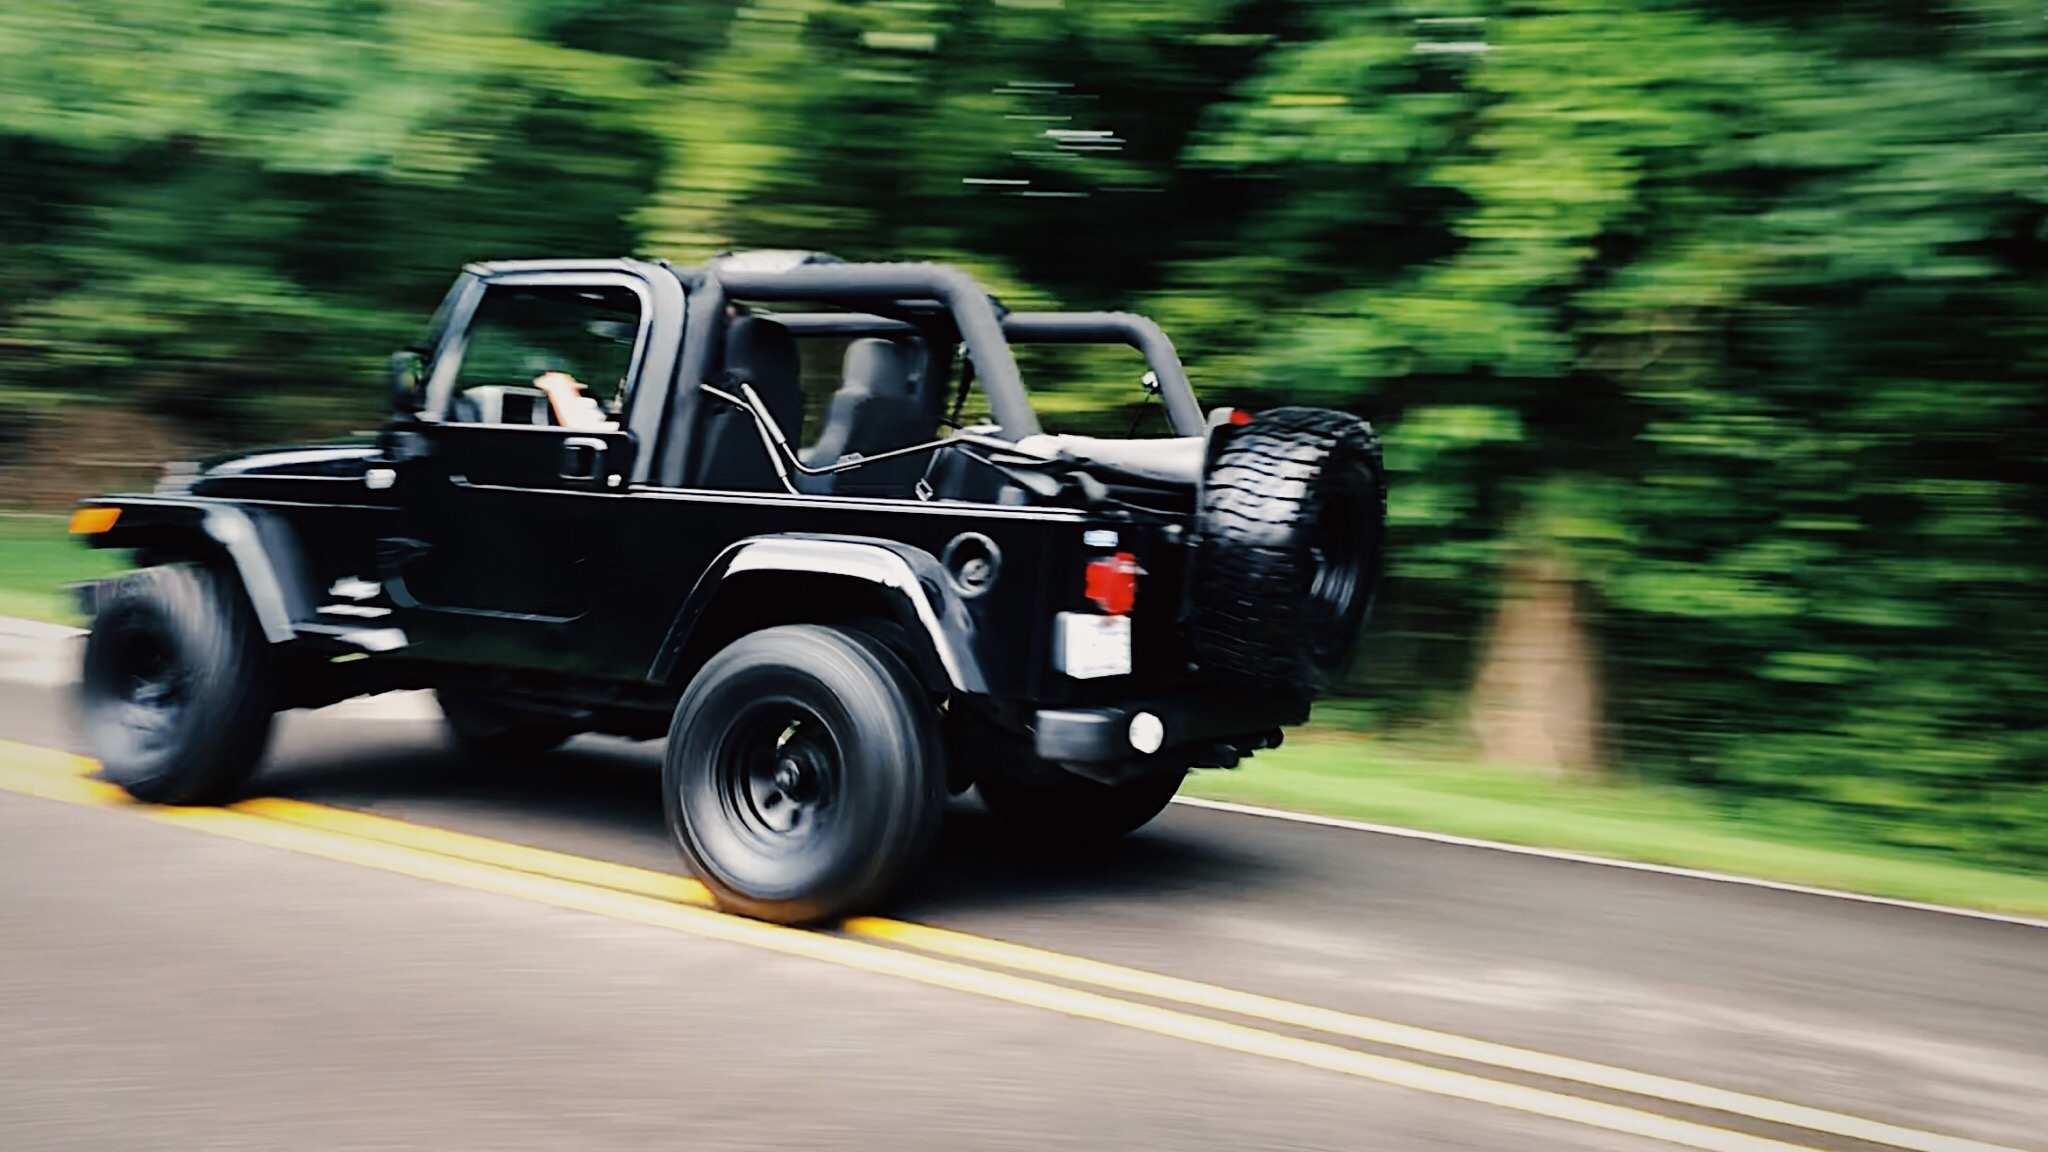 Vsco Wallpaper Jeep